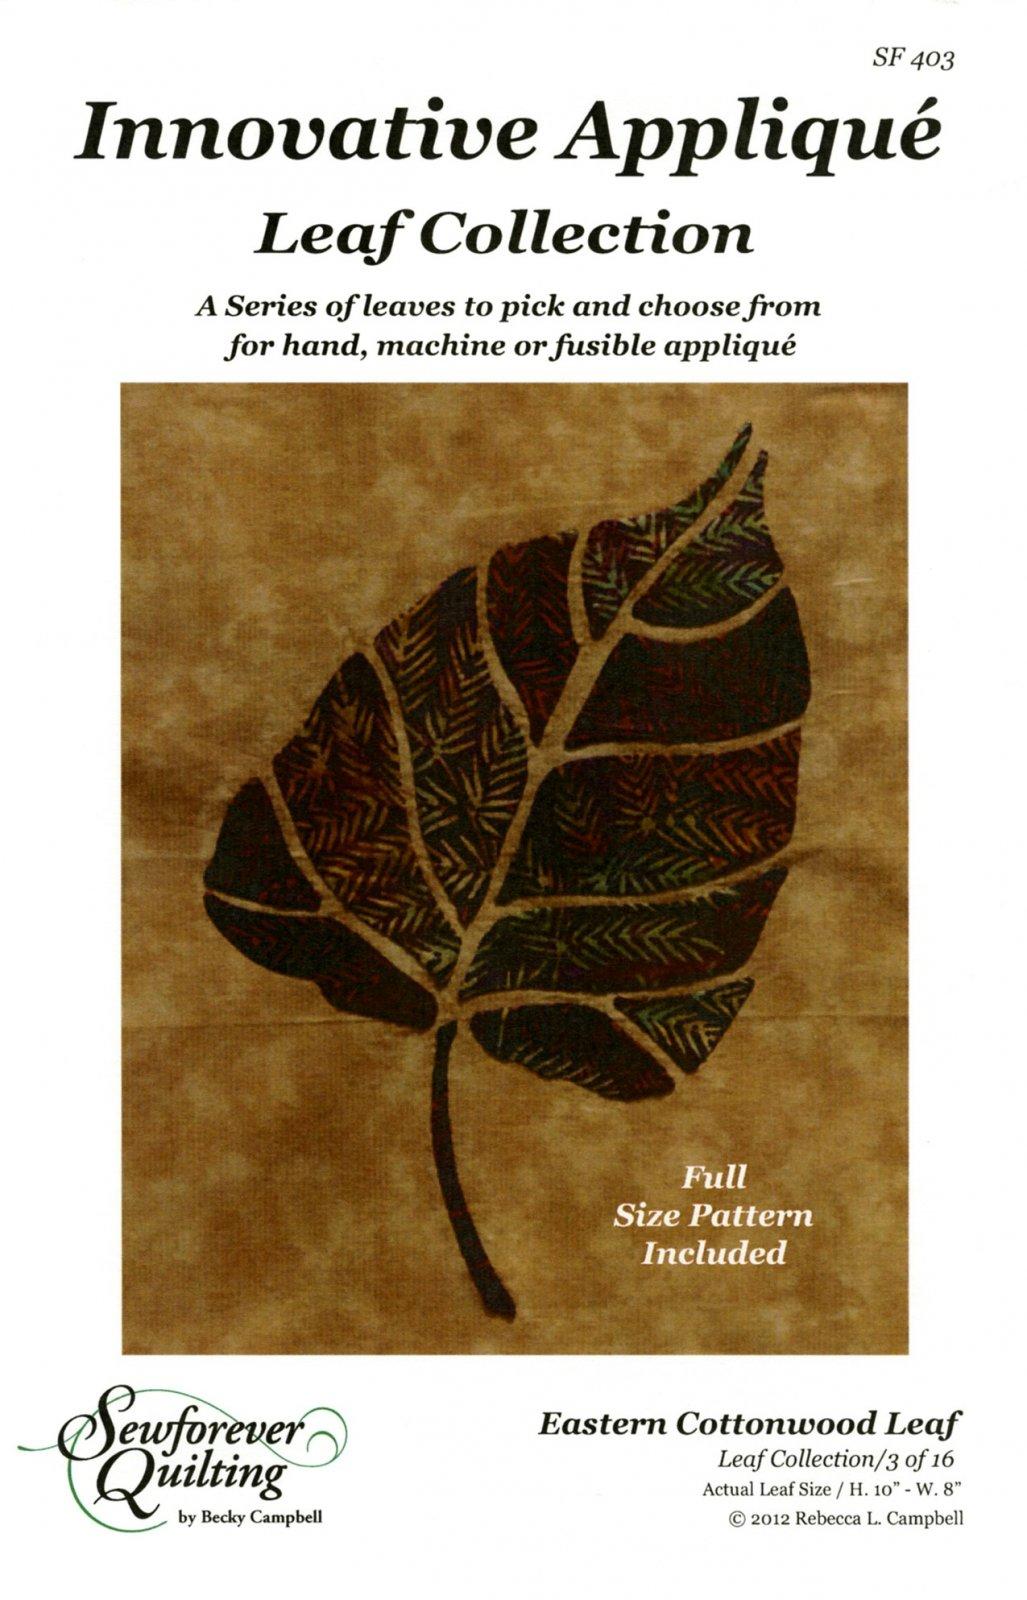 Leaf Collection: Eastern Cottonwood Leaf